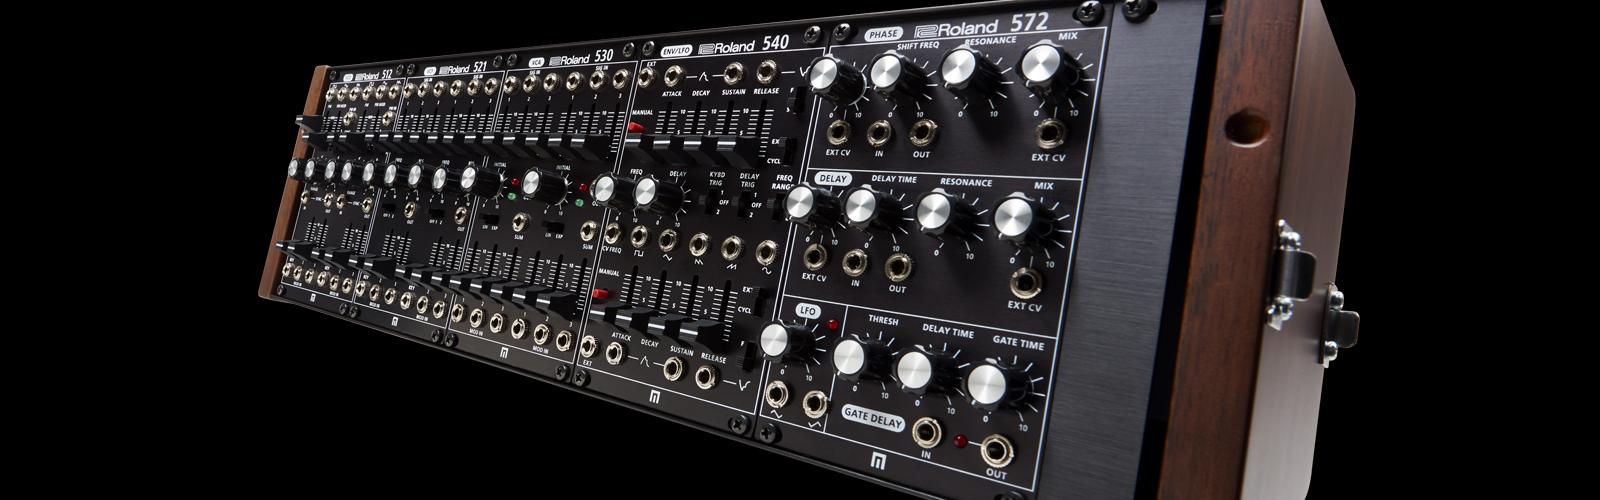 SYSTEM-500 Complete Set